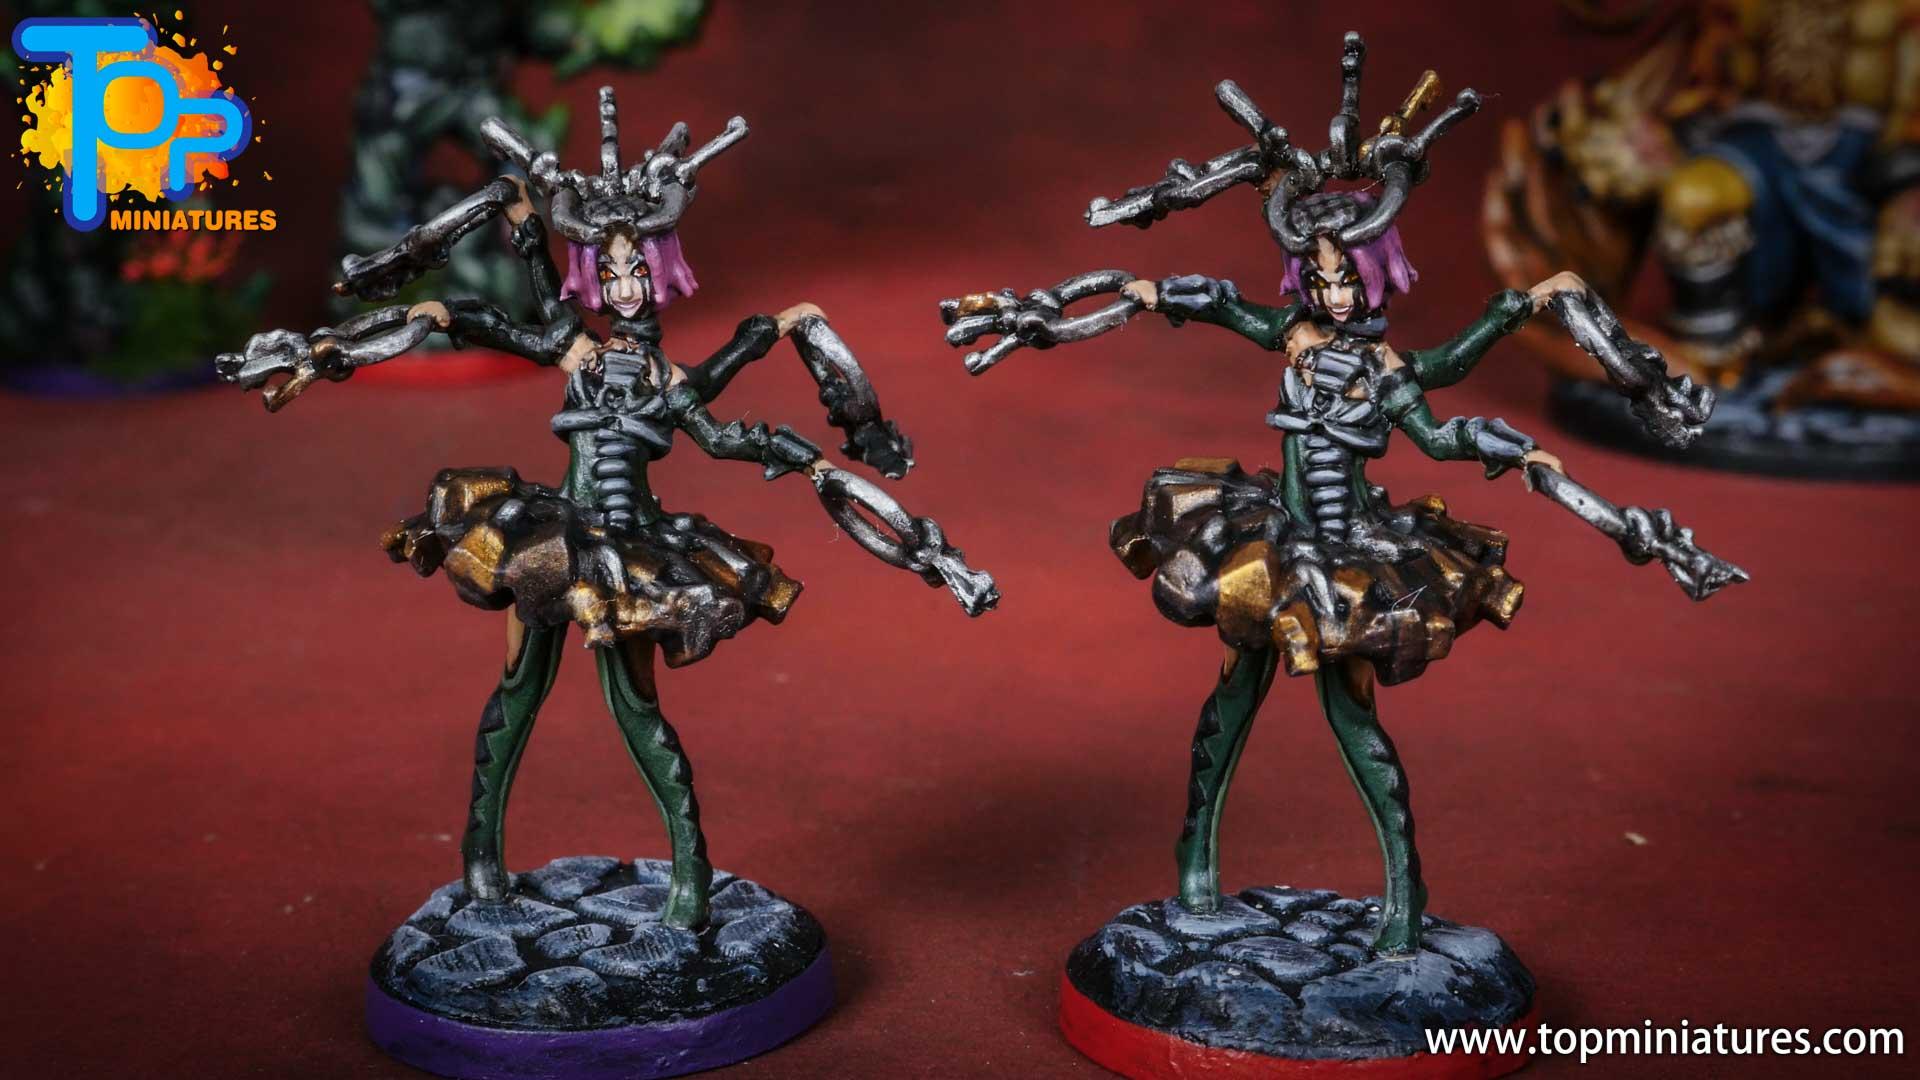 middara painted miniatures gatekeeper (1)